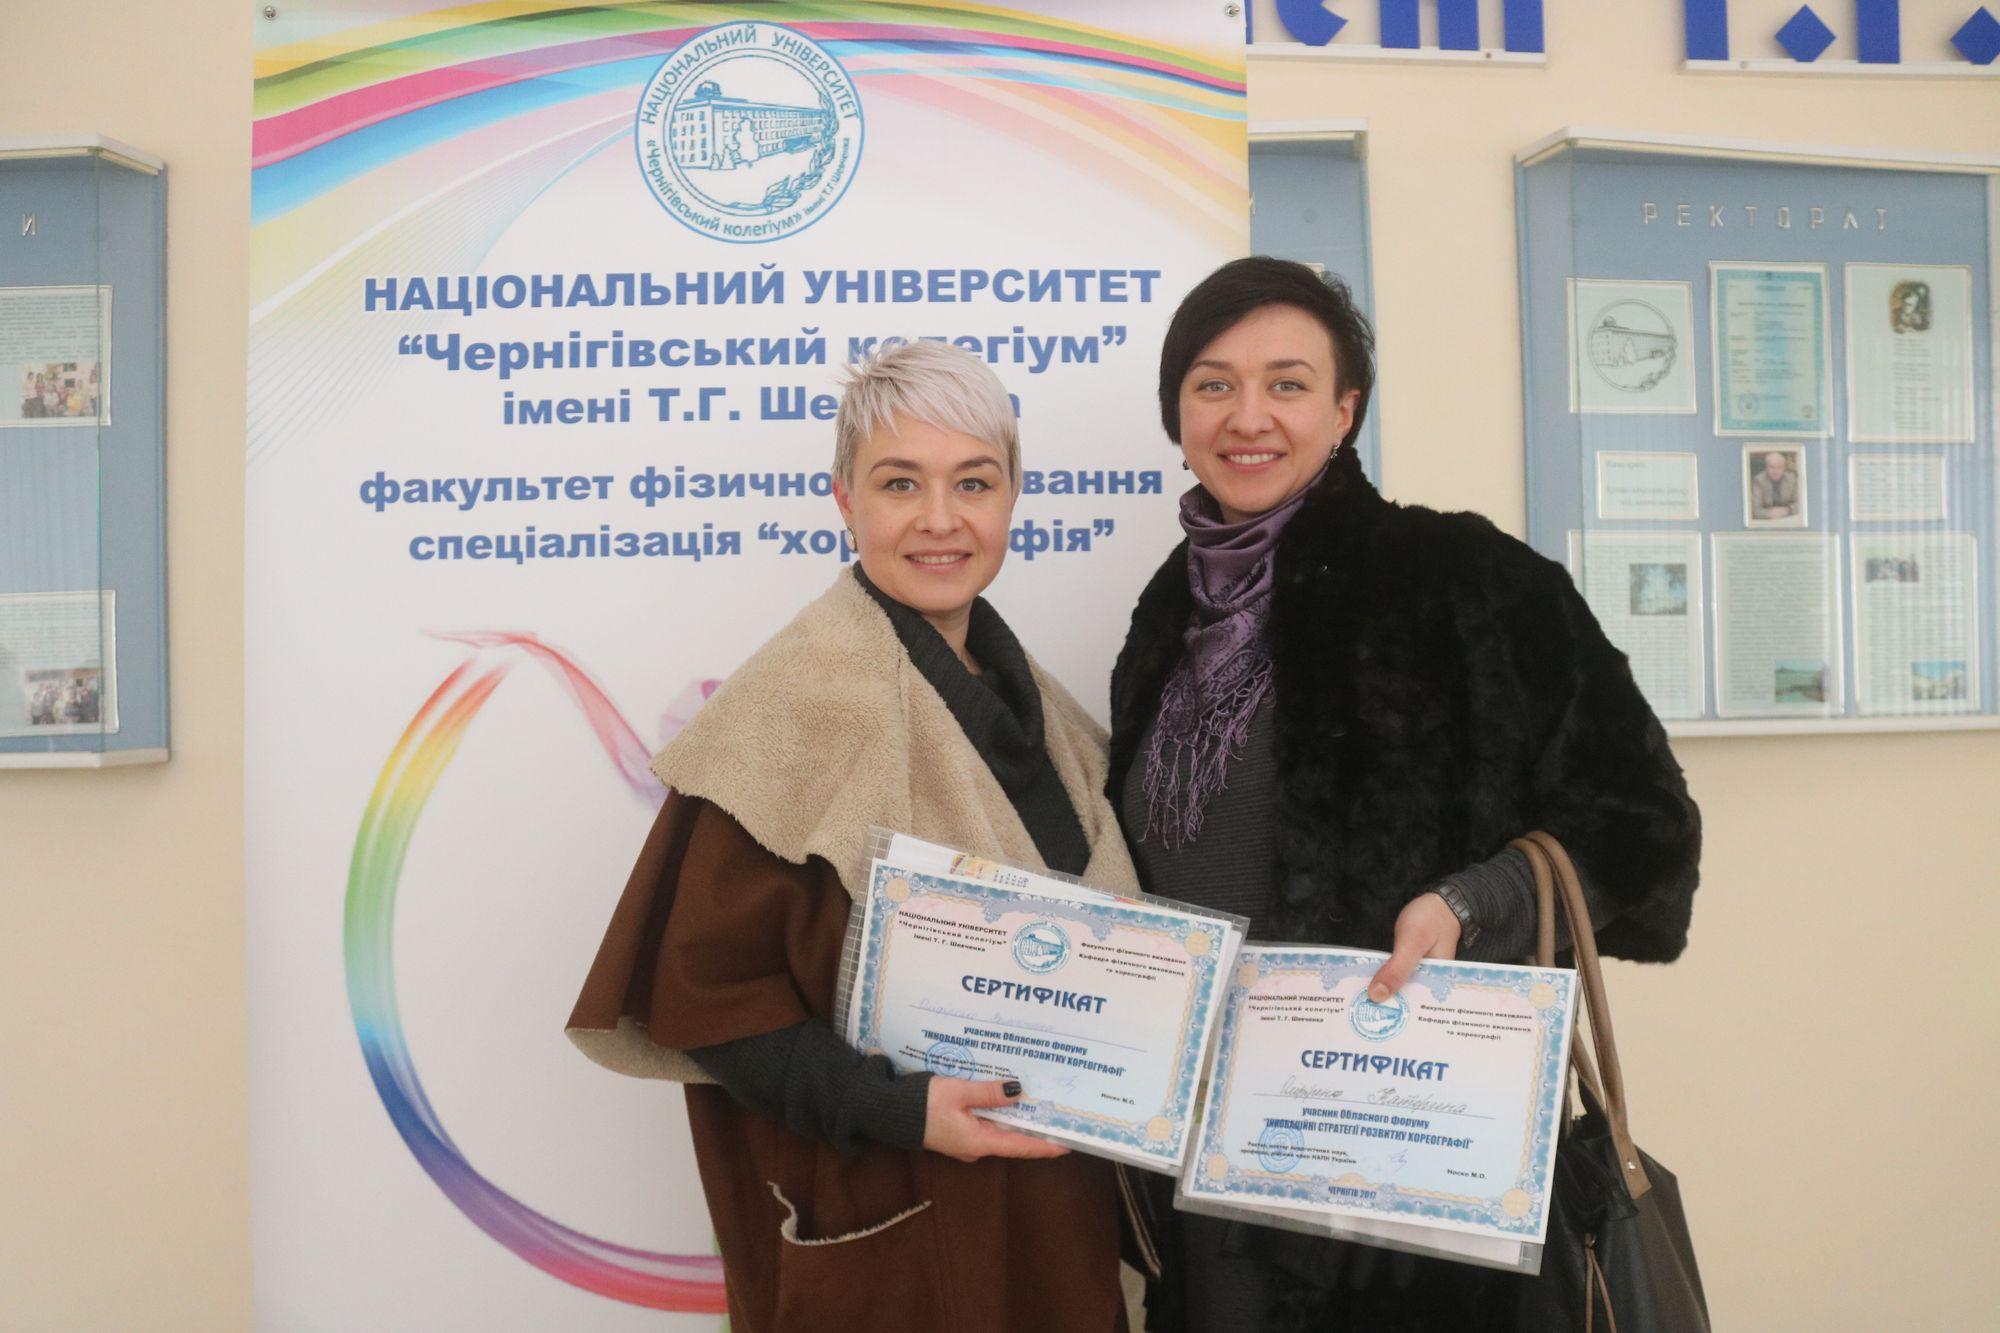 У Чернігові відбувся масштабний форум хореографів (Фото)